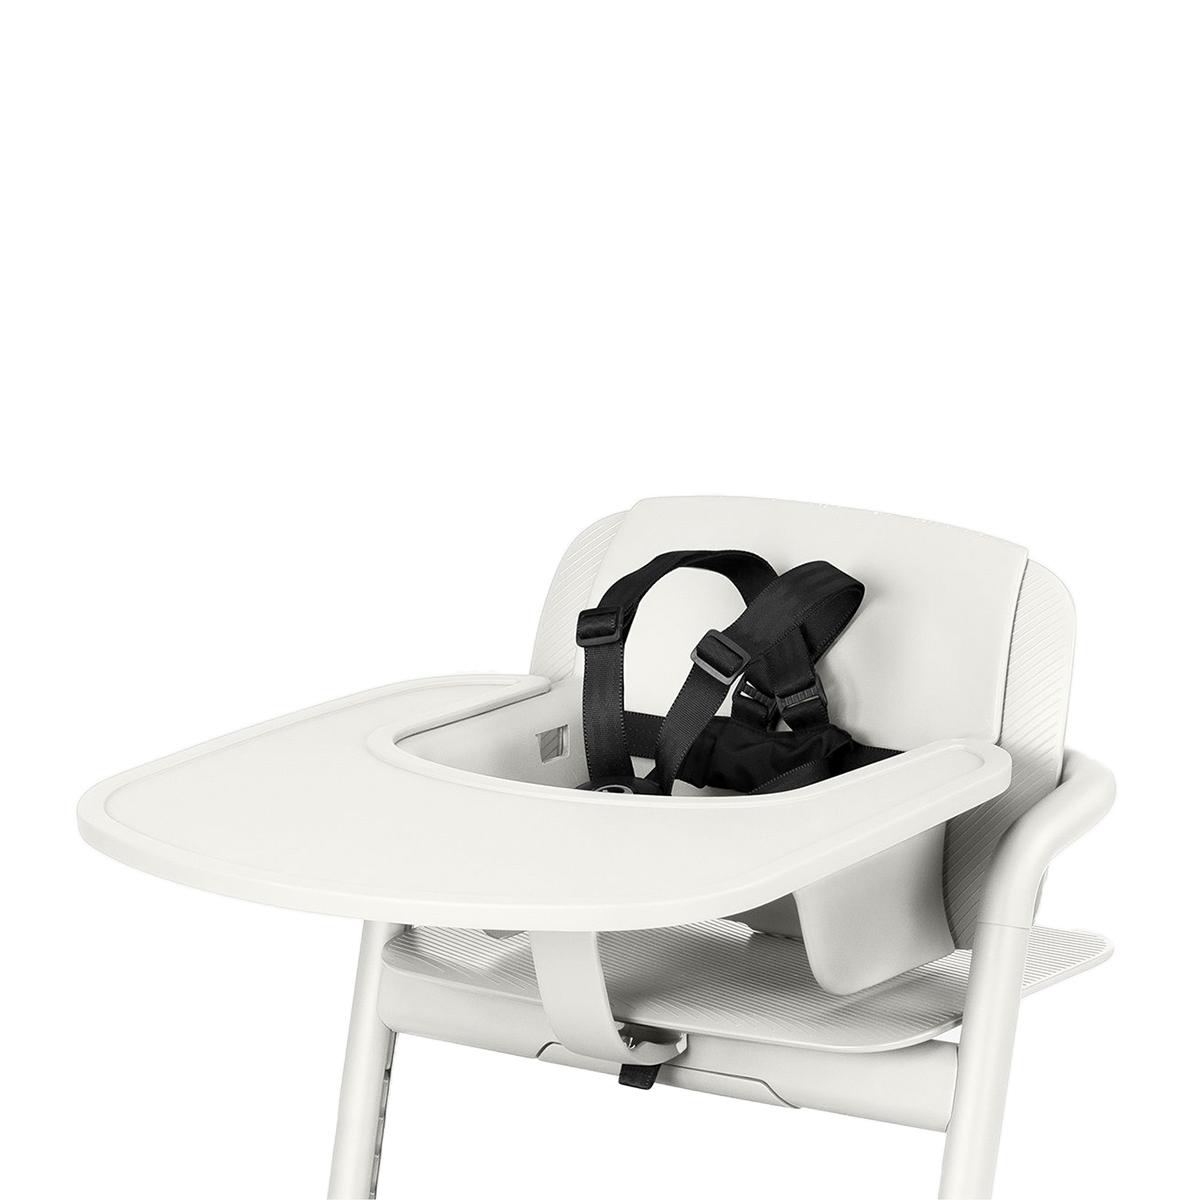 Chaise haute Plateau pour Chaise Haute Lemo - Porcelaine White Plateau pour Chaise Haute Lemo - Porcelaine White